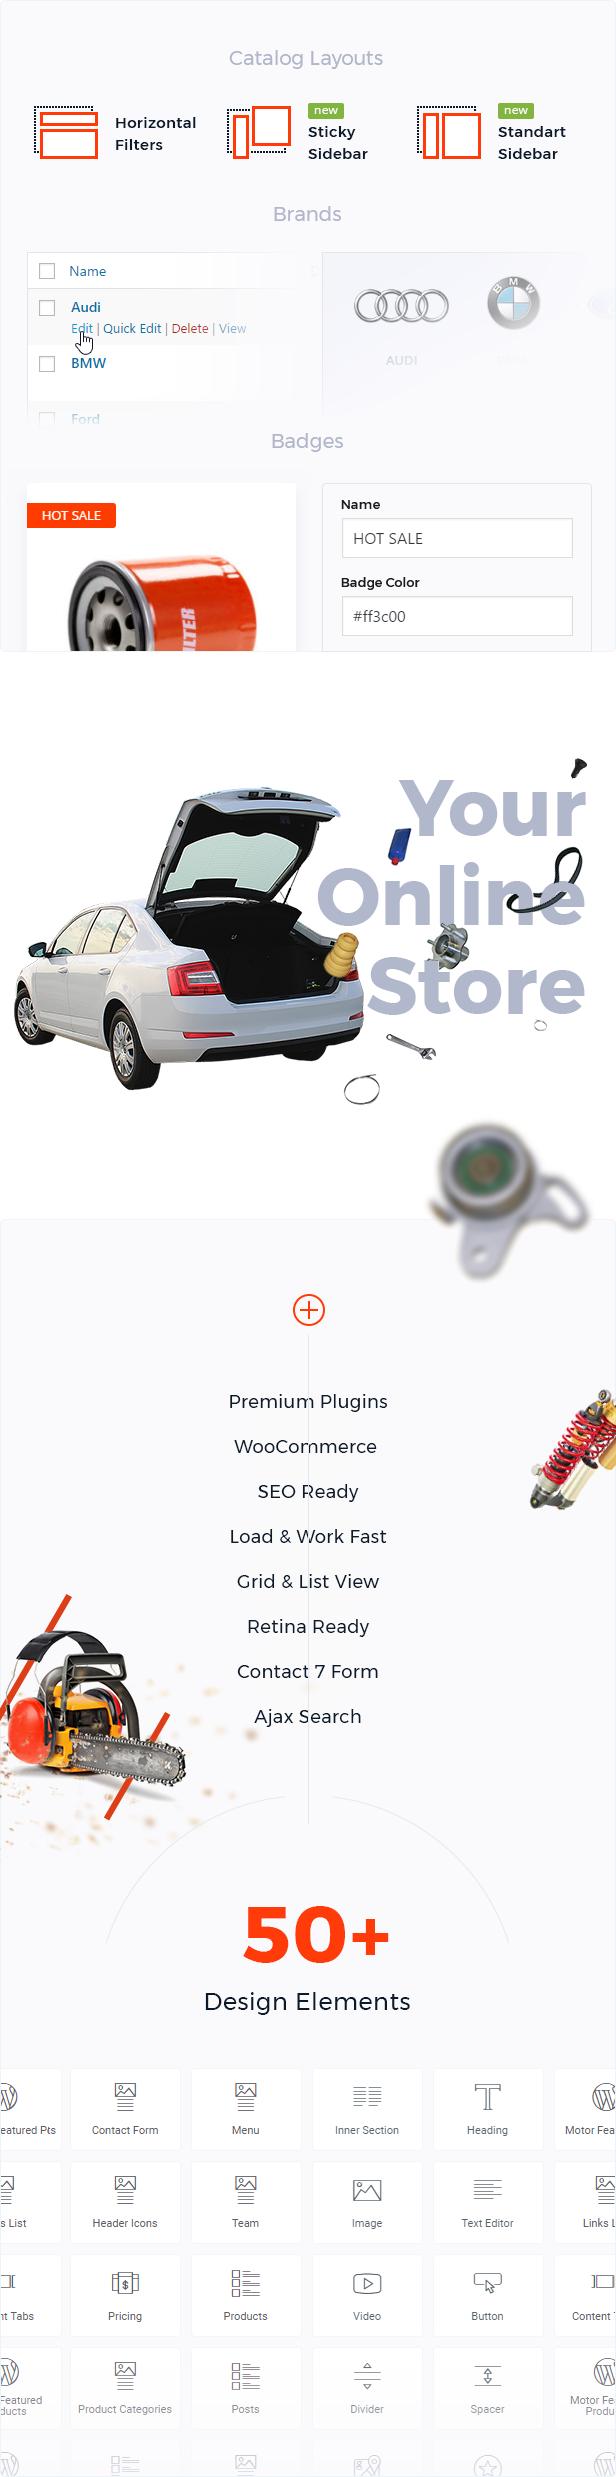 Kraftfahrzeuge, Teile, Ausrüstungen und Zubehör WooCommerce Store - 4